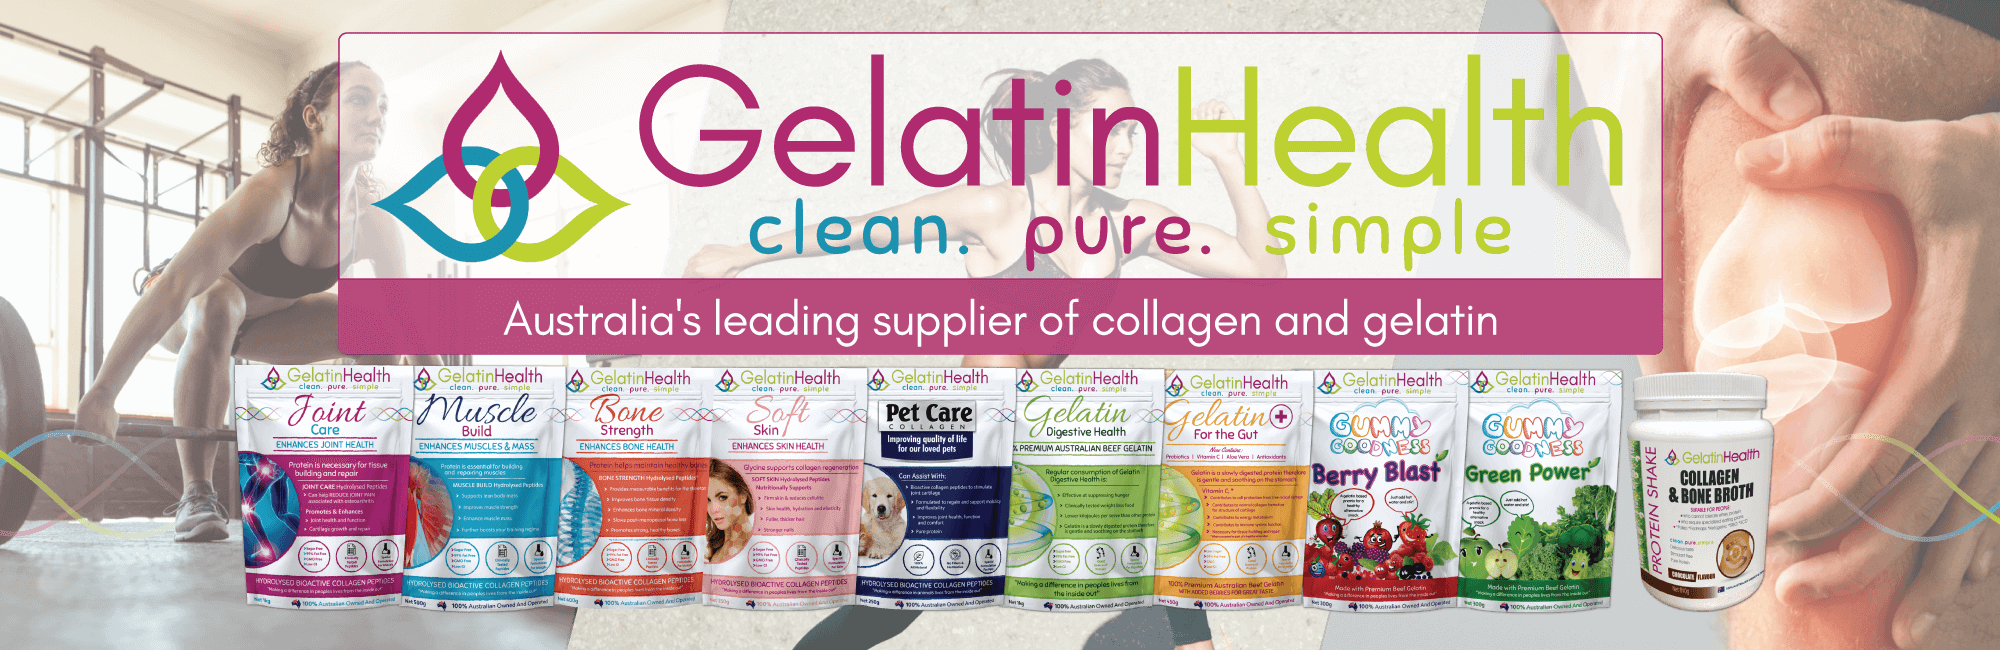 Gelatin Health header image